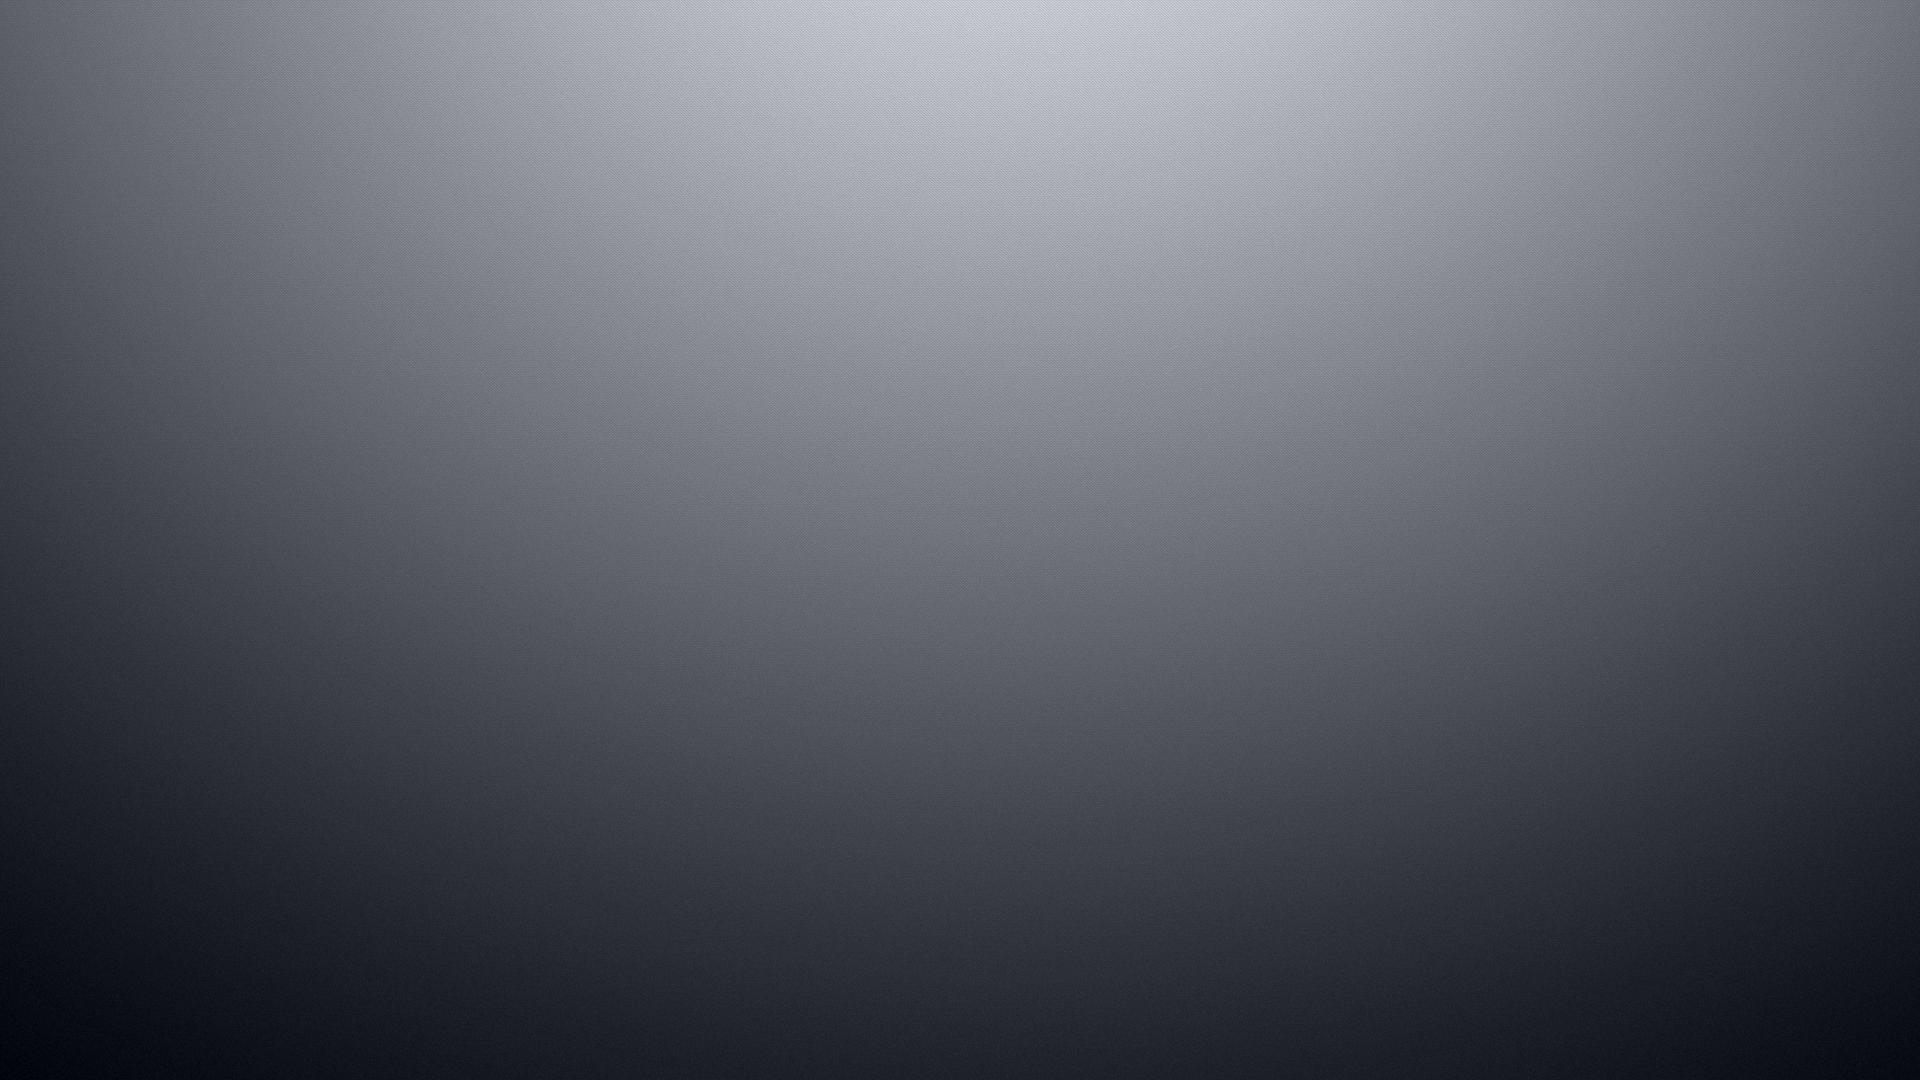 Gray Wallpaper 1920×1080